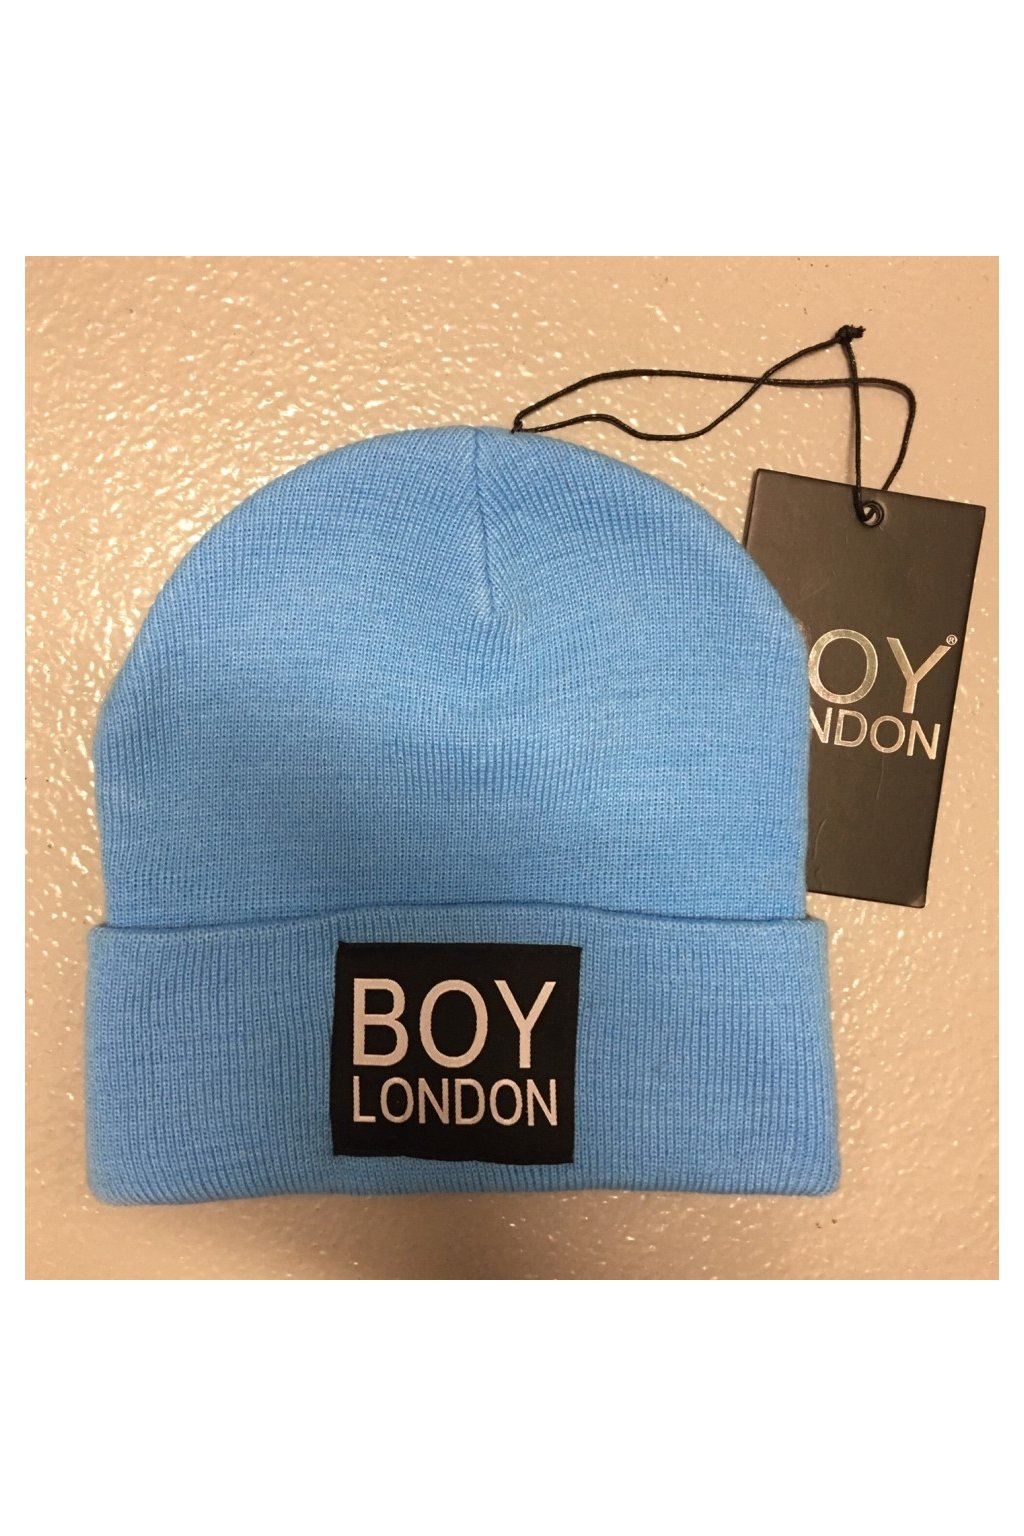 Čepice s nášivkou BOY LONDON - světle modrá (Velikost Velikost UNI)